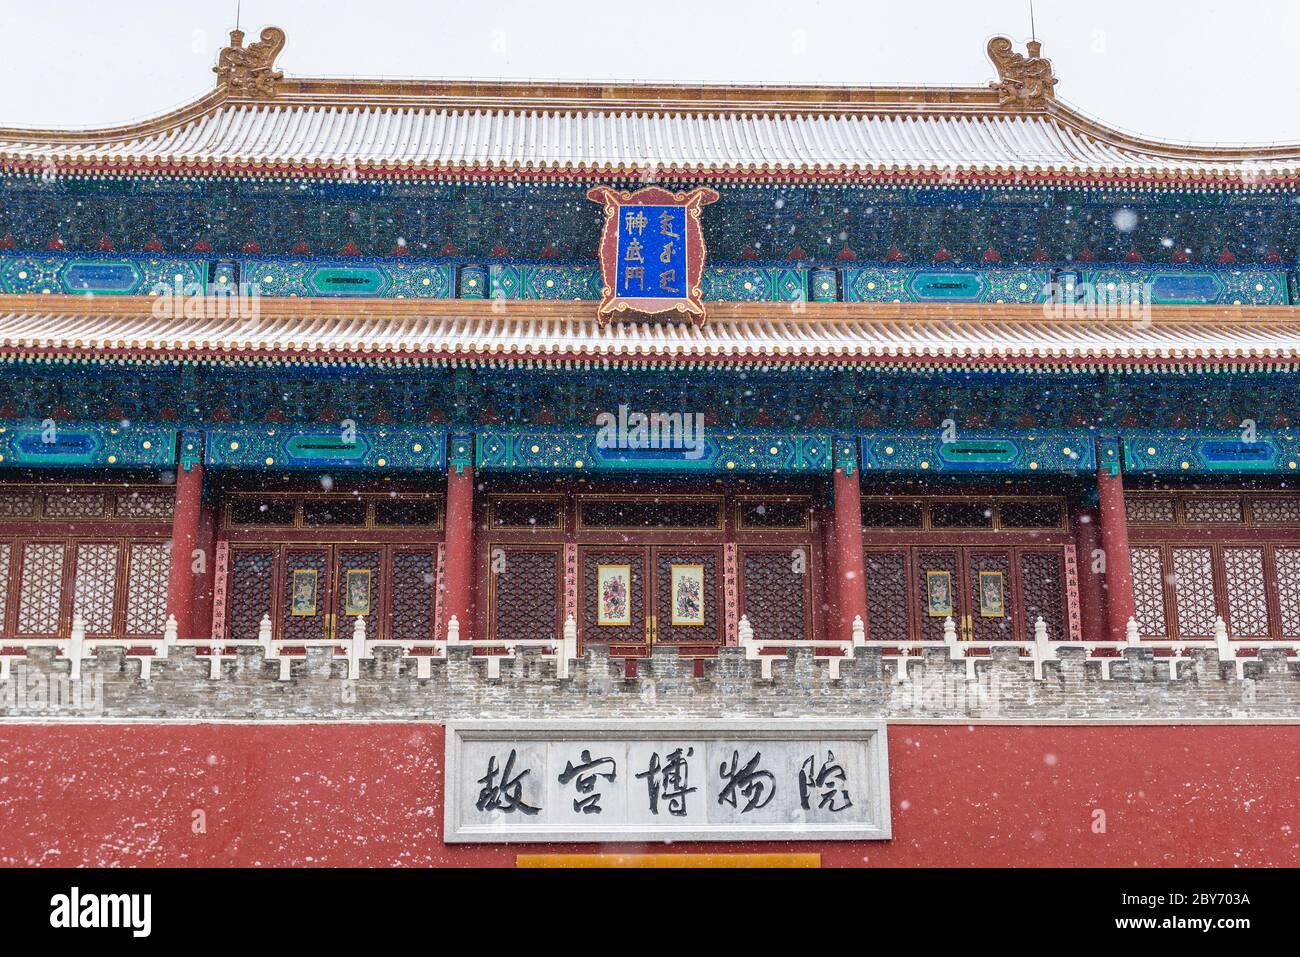 Shenwumen - porta della Divina prowess chiamato anche porta della Divina potenza - porta settentrionale del complesso del palazzo della Città Proibita a Pechino, Cina Foto Stock